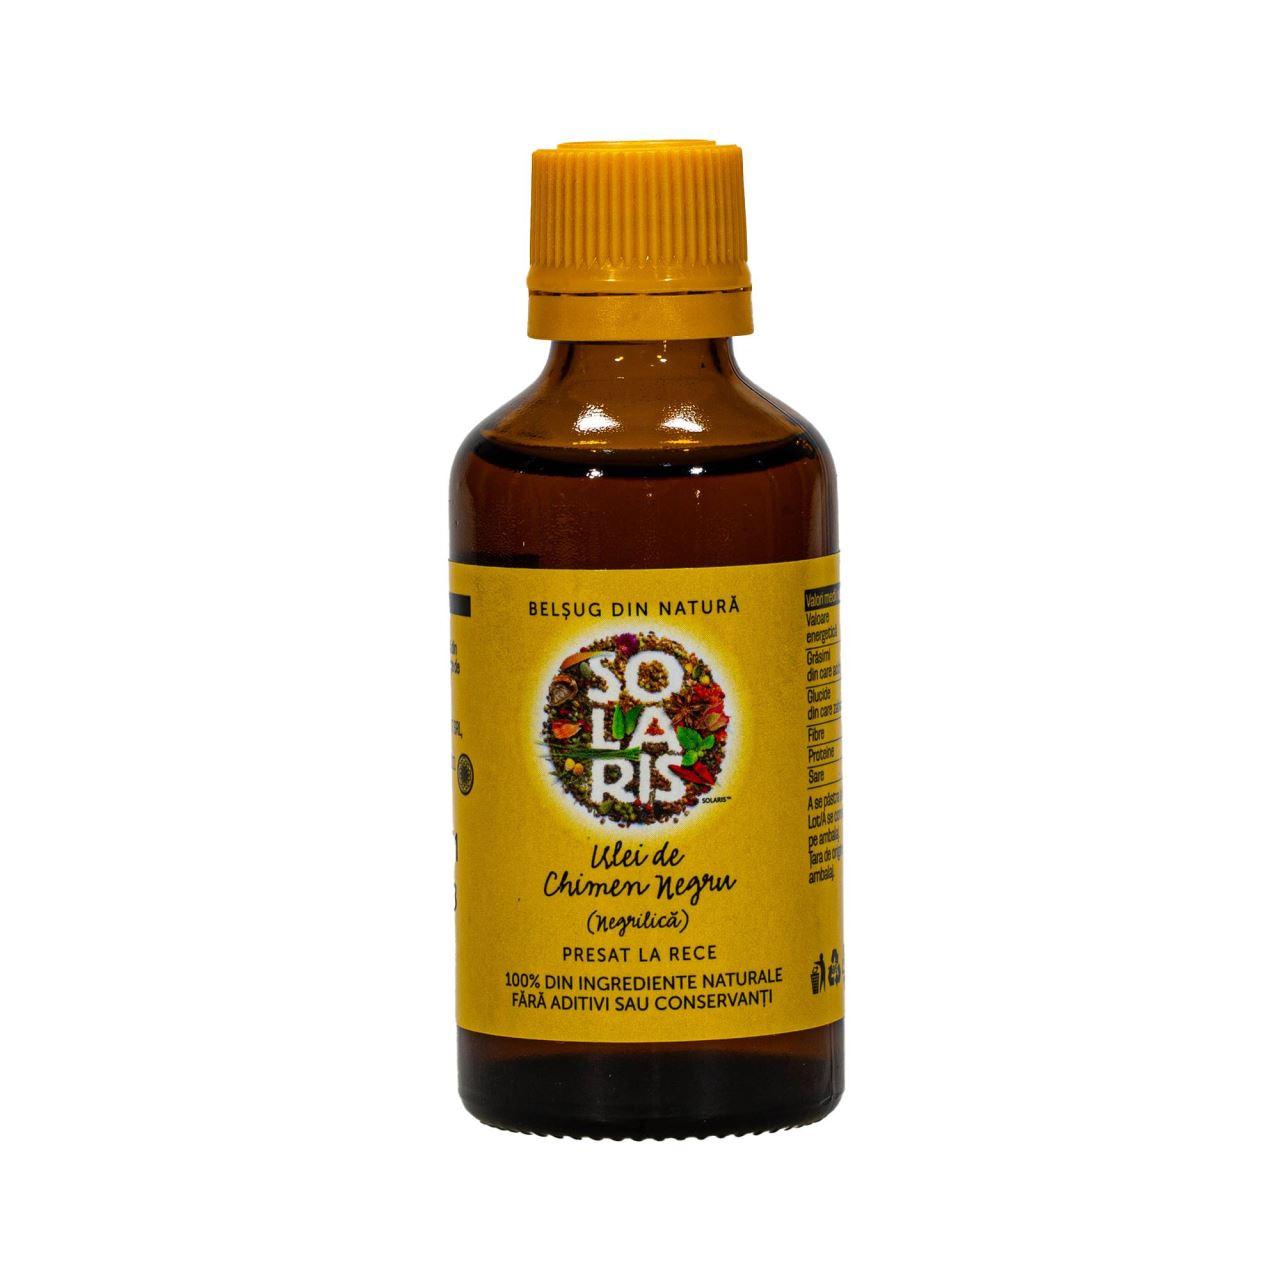 ulei de chimen negru pentru tratamentul articulațiilor injecții pentru tratamentul artrozei